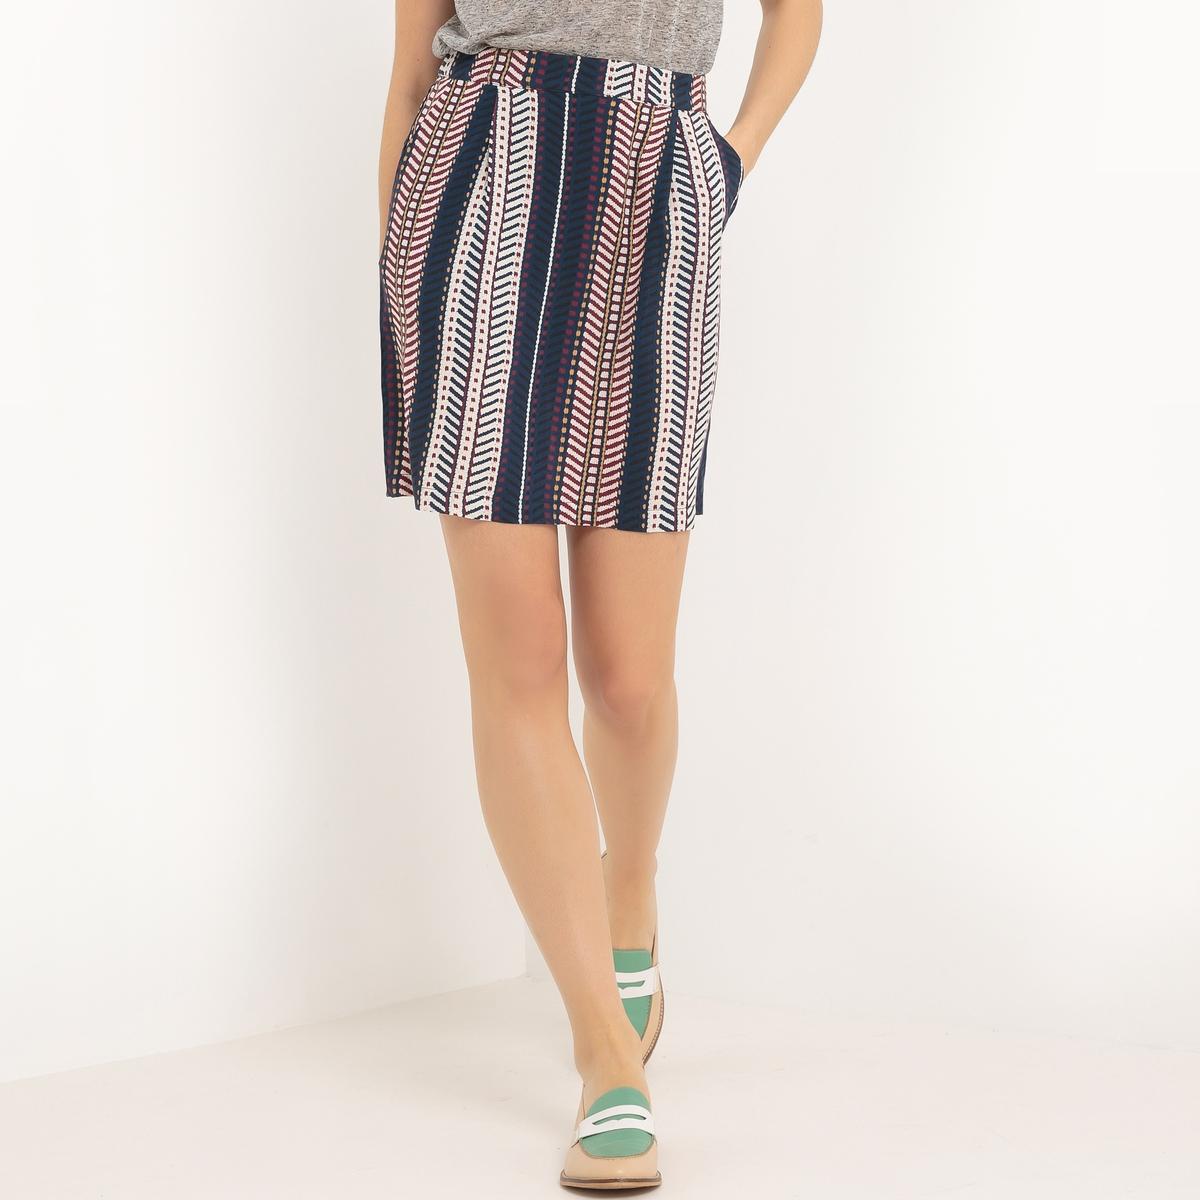 Юбка с рисункомМатериал : 100% вискоза  Особенность пояса : эластичный пояс  Рисунок : принт  Длина юбки : короткая<br><br>Цвет: наб. рисунок синий